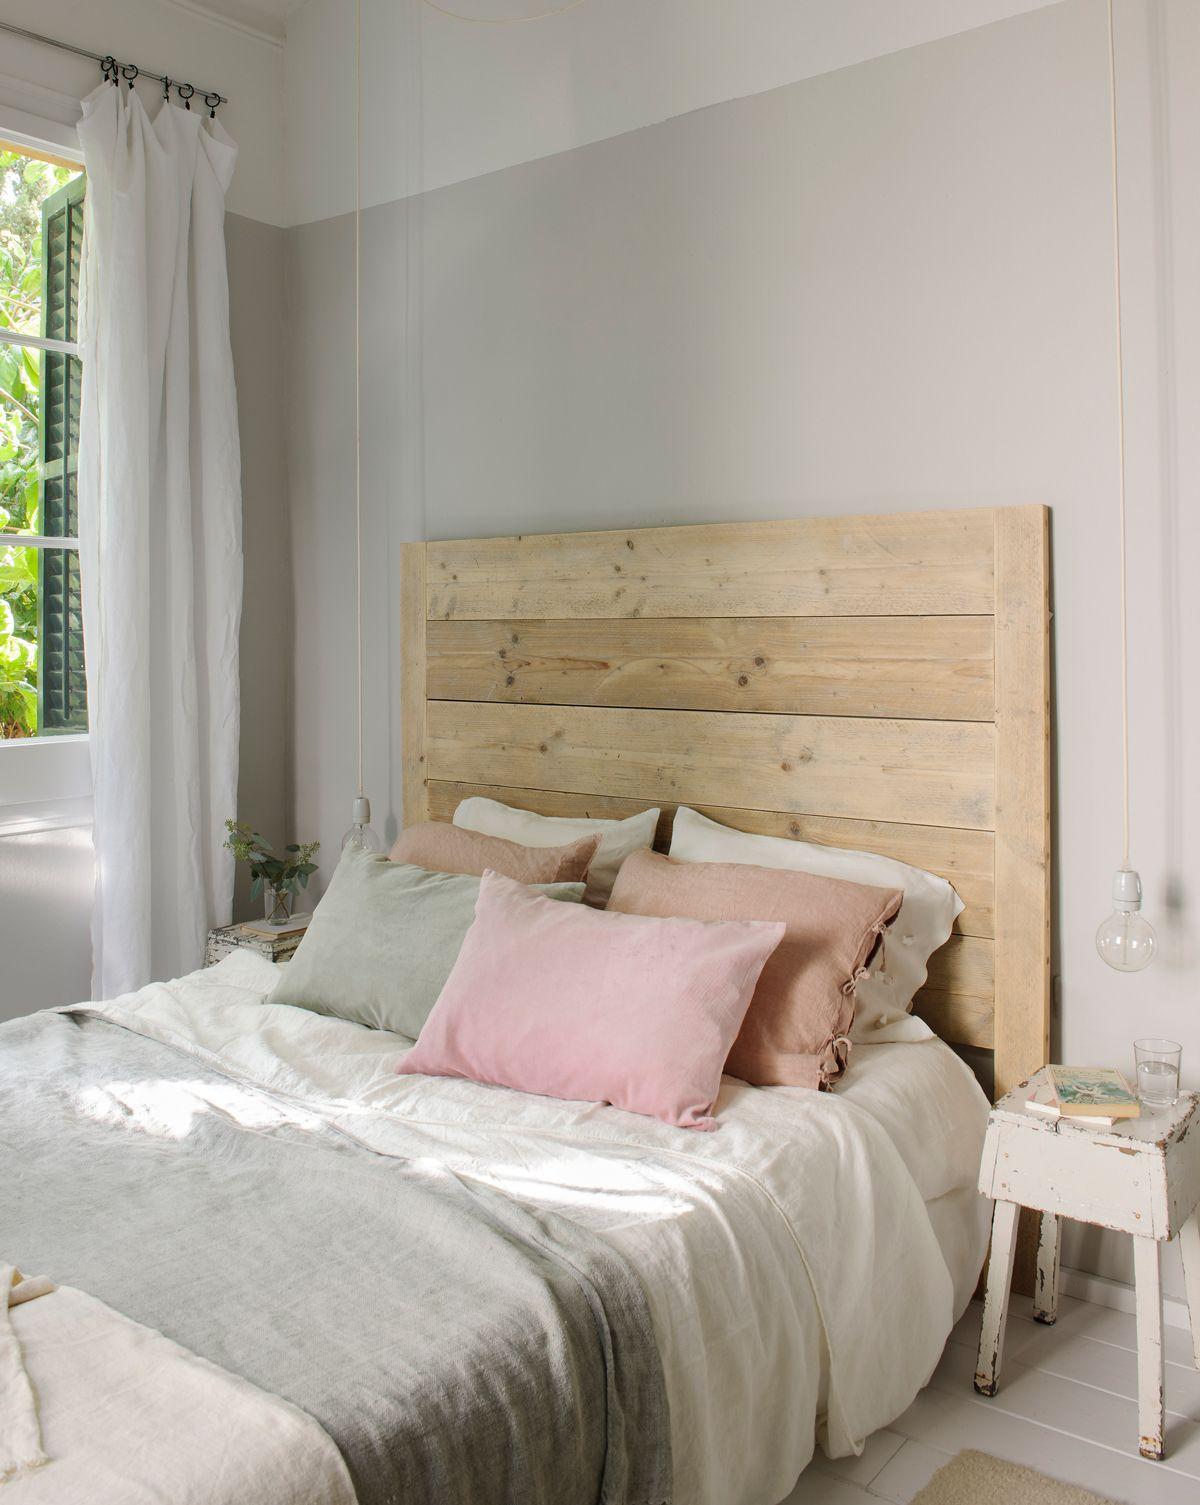 Dormitorio half painted en blanco y gris. Cabecero de madera natural ...